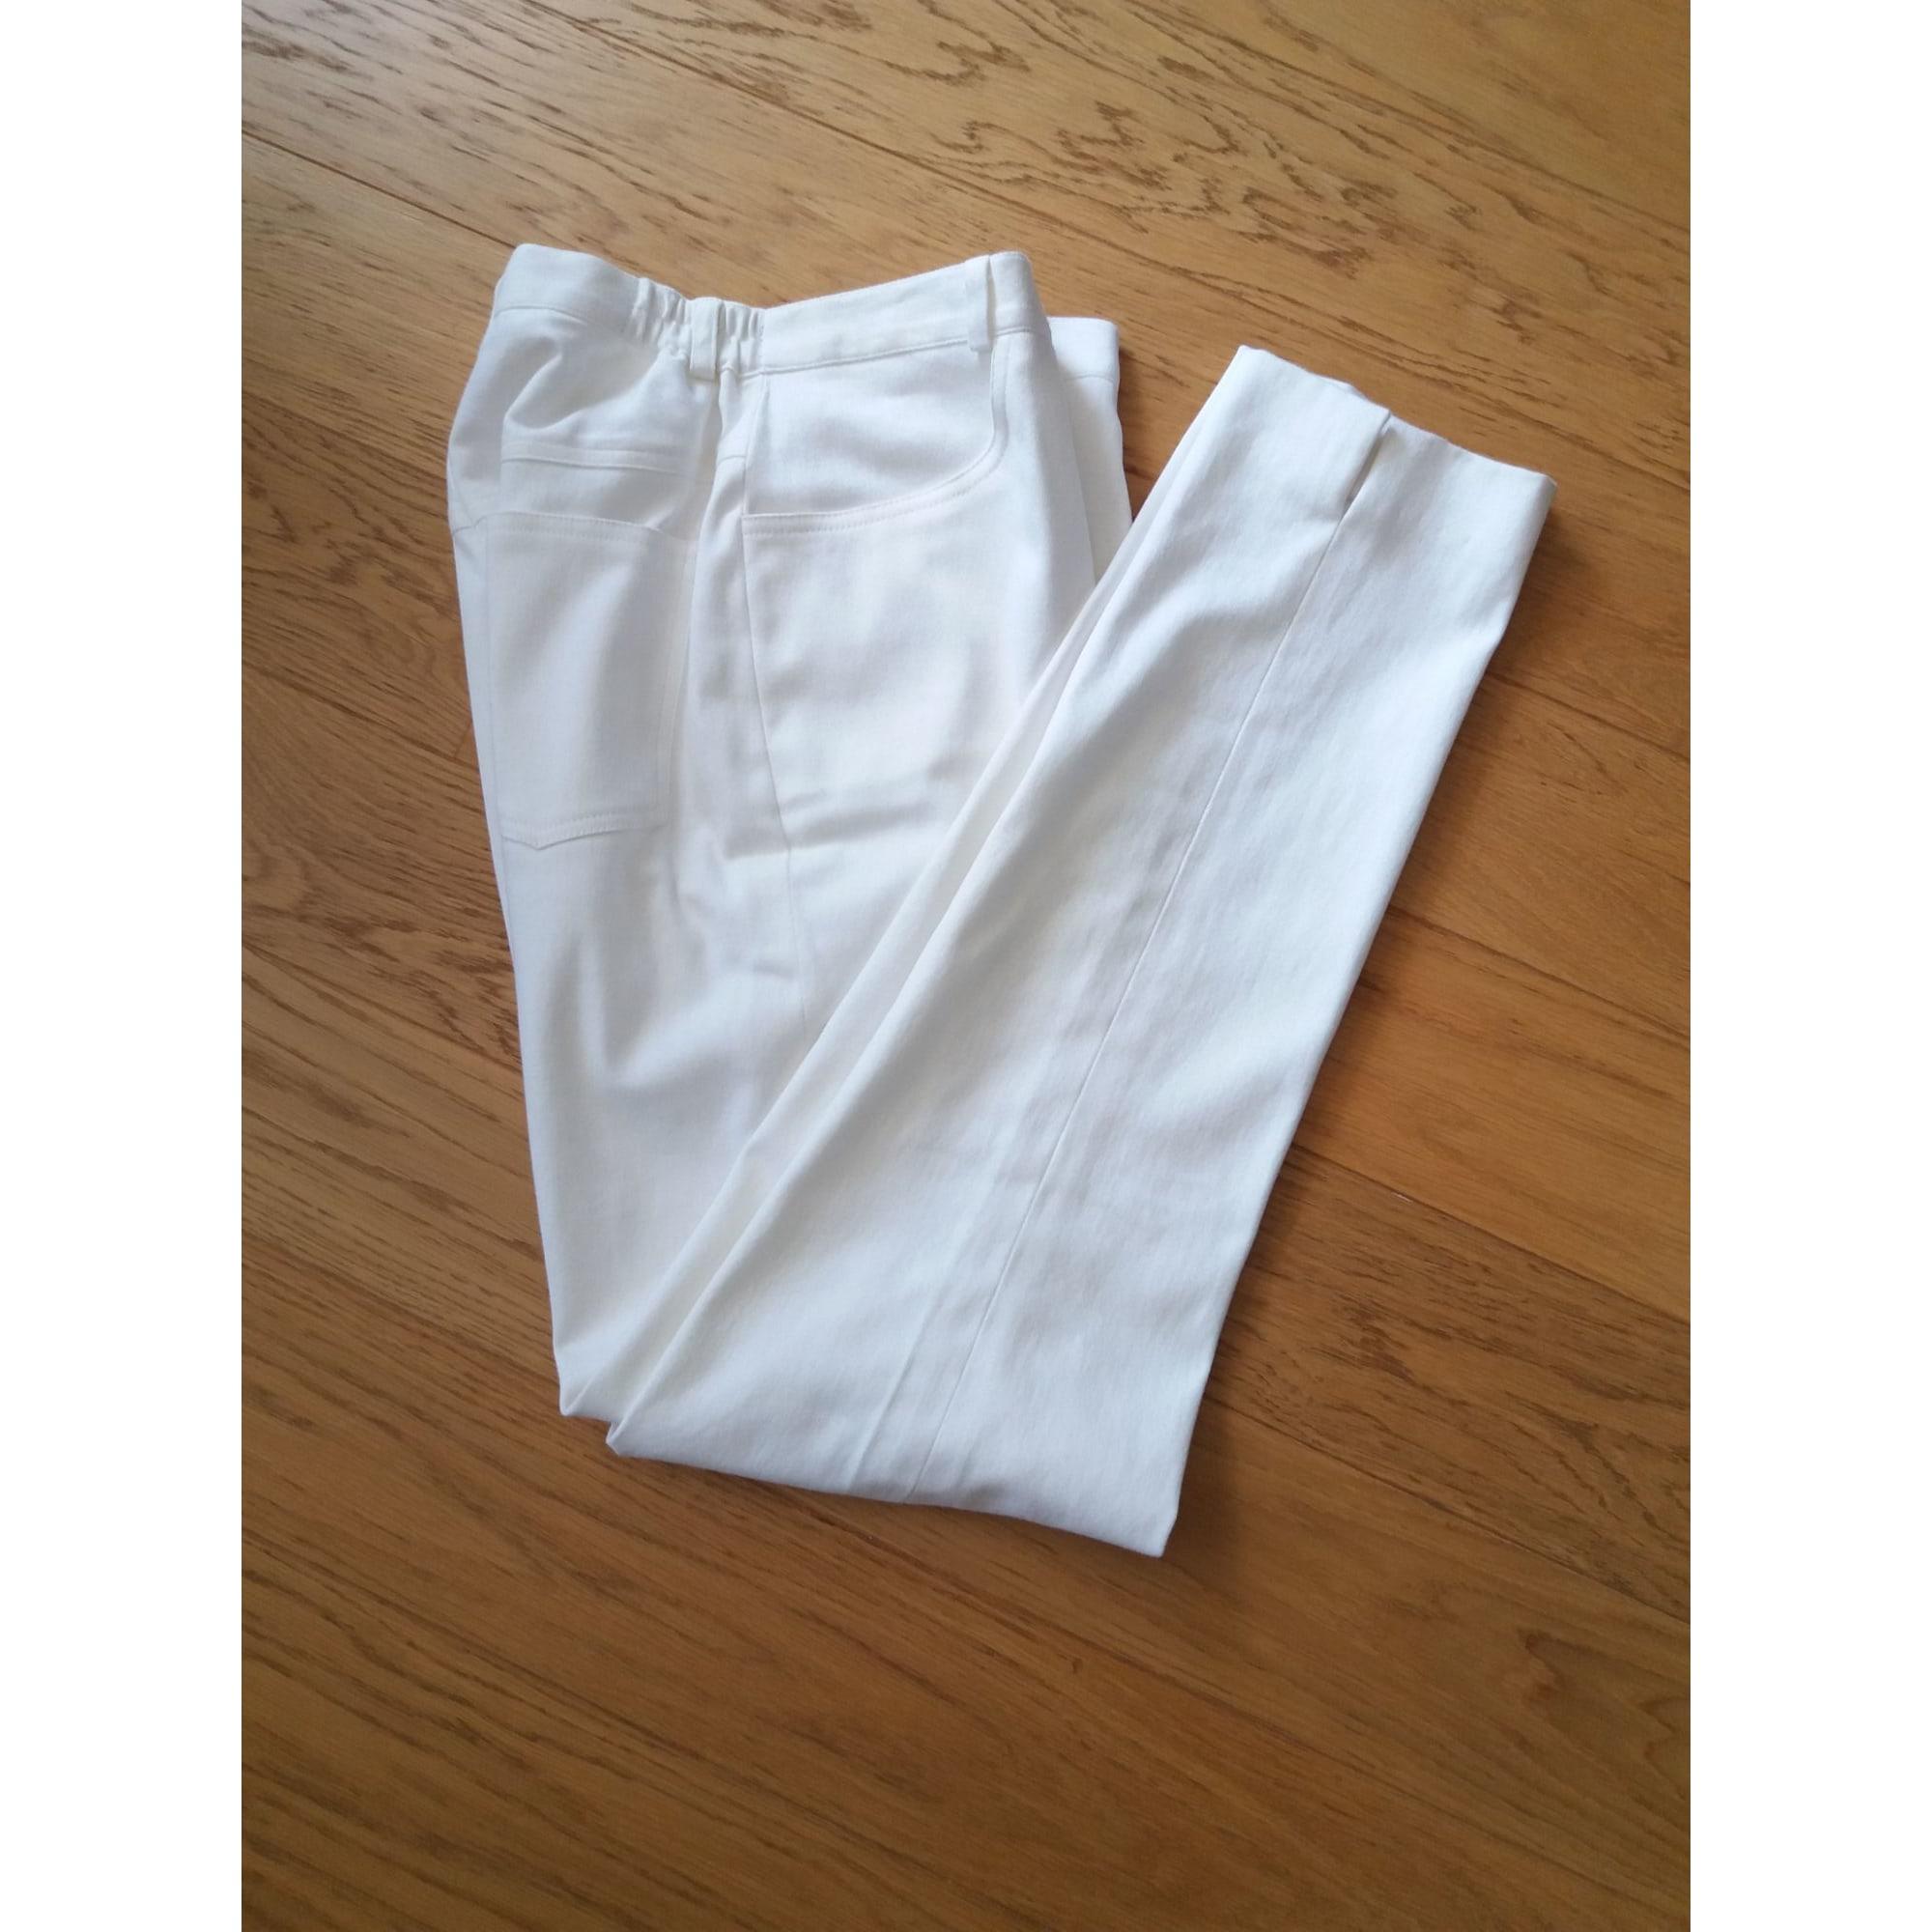 Pantalon droit LEWINGER Blanc, blanc cassé, écru